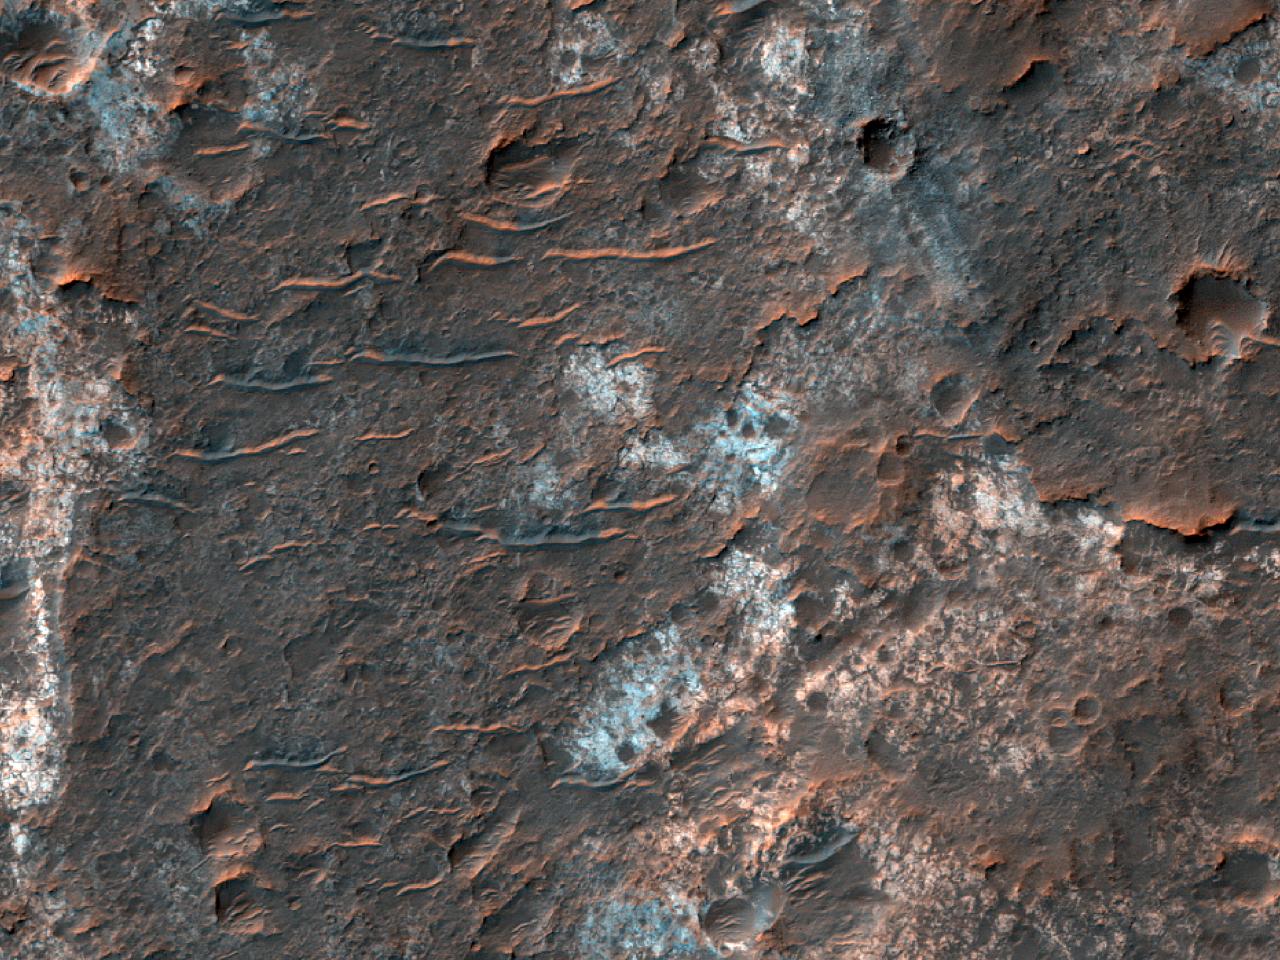 Предположительно, светлые слоистые силикаты земли Margaritifer Terra